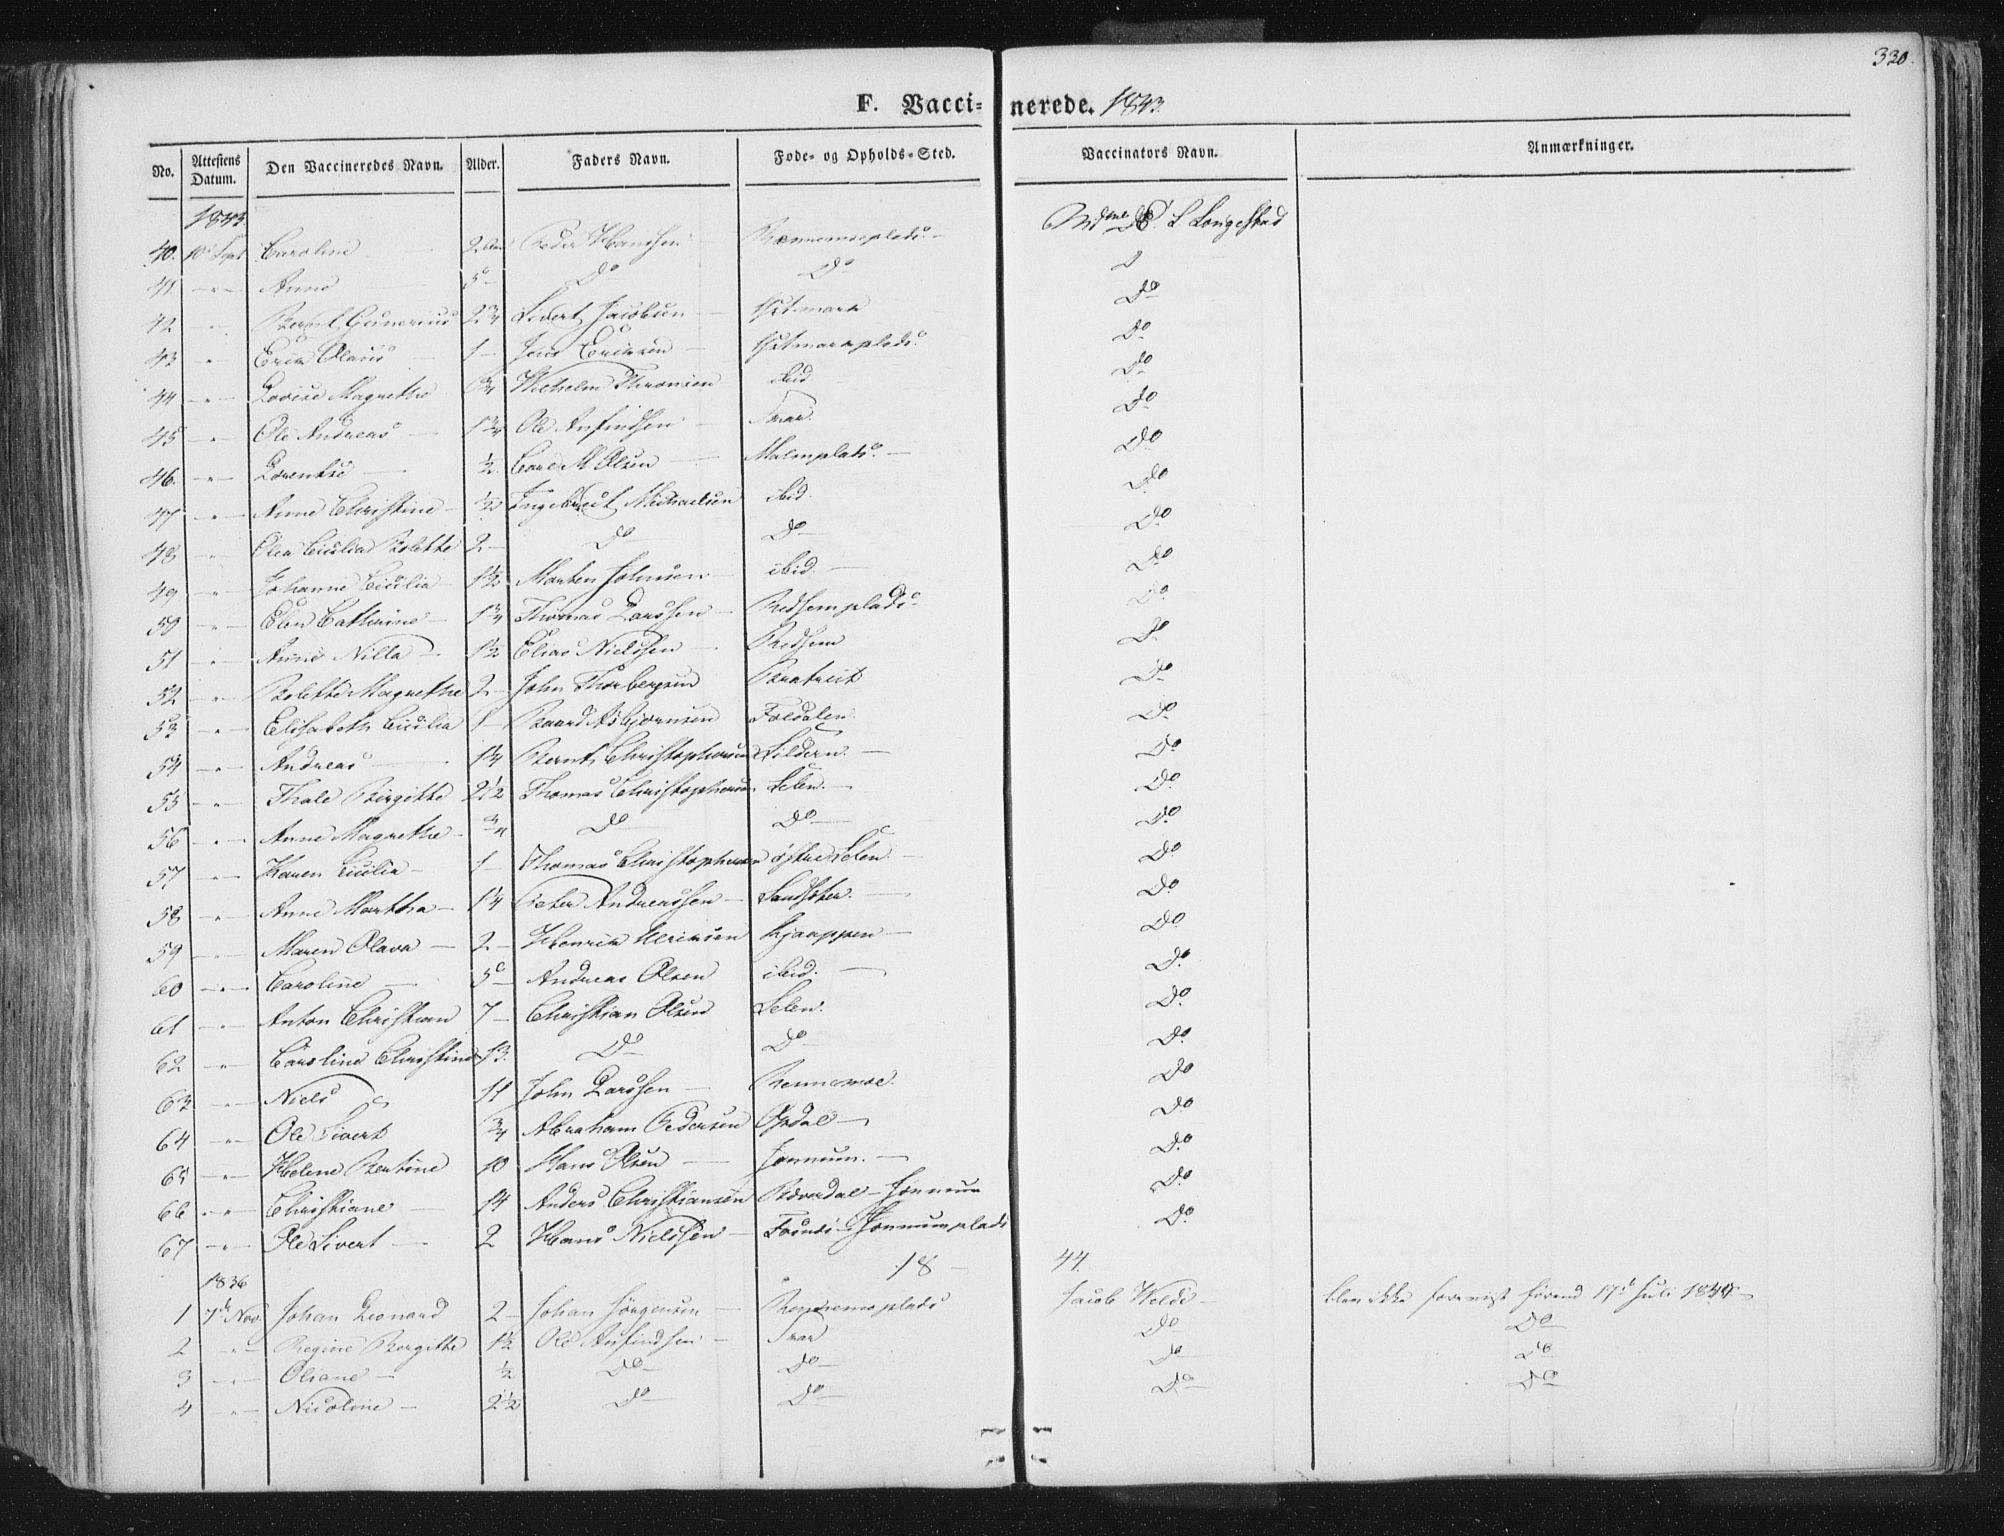 SAT, Ministerialprotokoller, klokkerbøker og fødselsregistre - Nord-Trøndelag, 741/L0392: Ministerialbok nr. 741A06, 1836-1848, s. 330